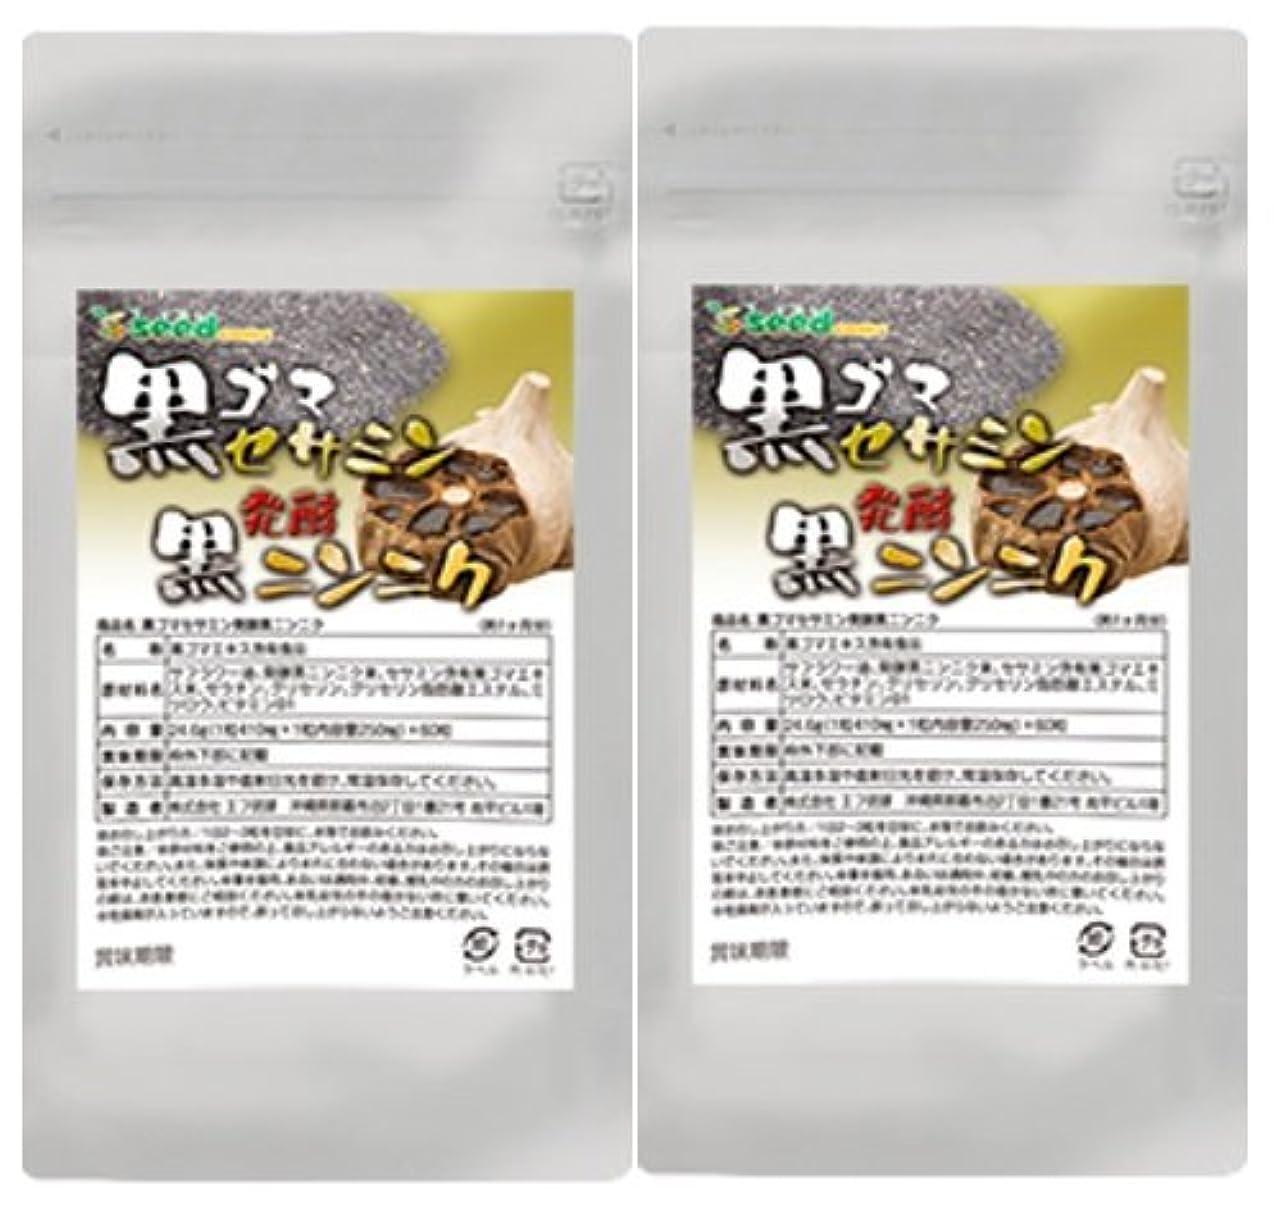 敬の念中国半円黒ゴマセサミン&発酵黒ニンニク (S-アリルシステイン、DATSを効率よく取り入れる) (約6ケ月分)